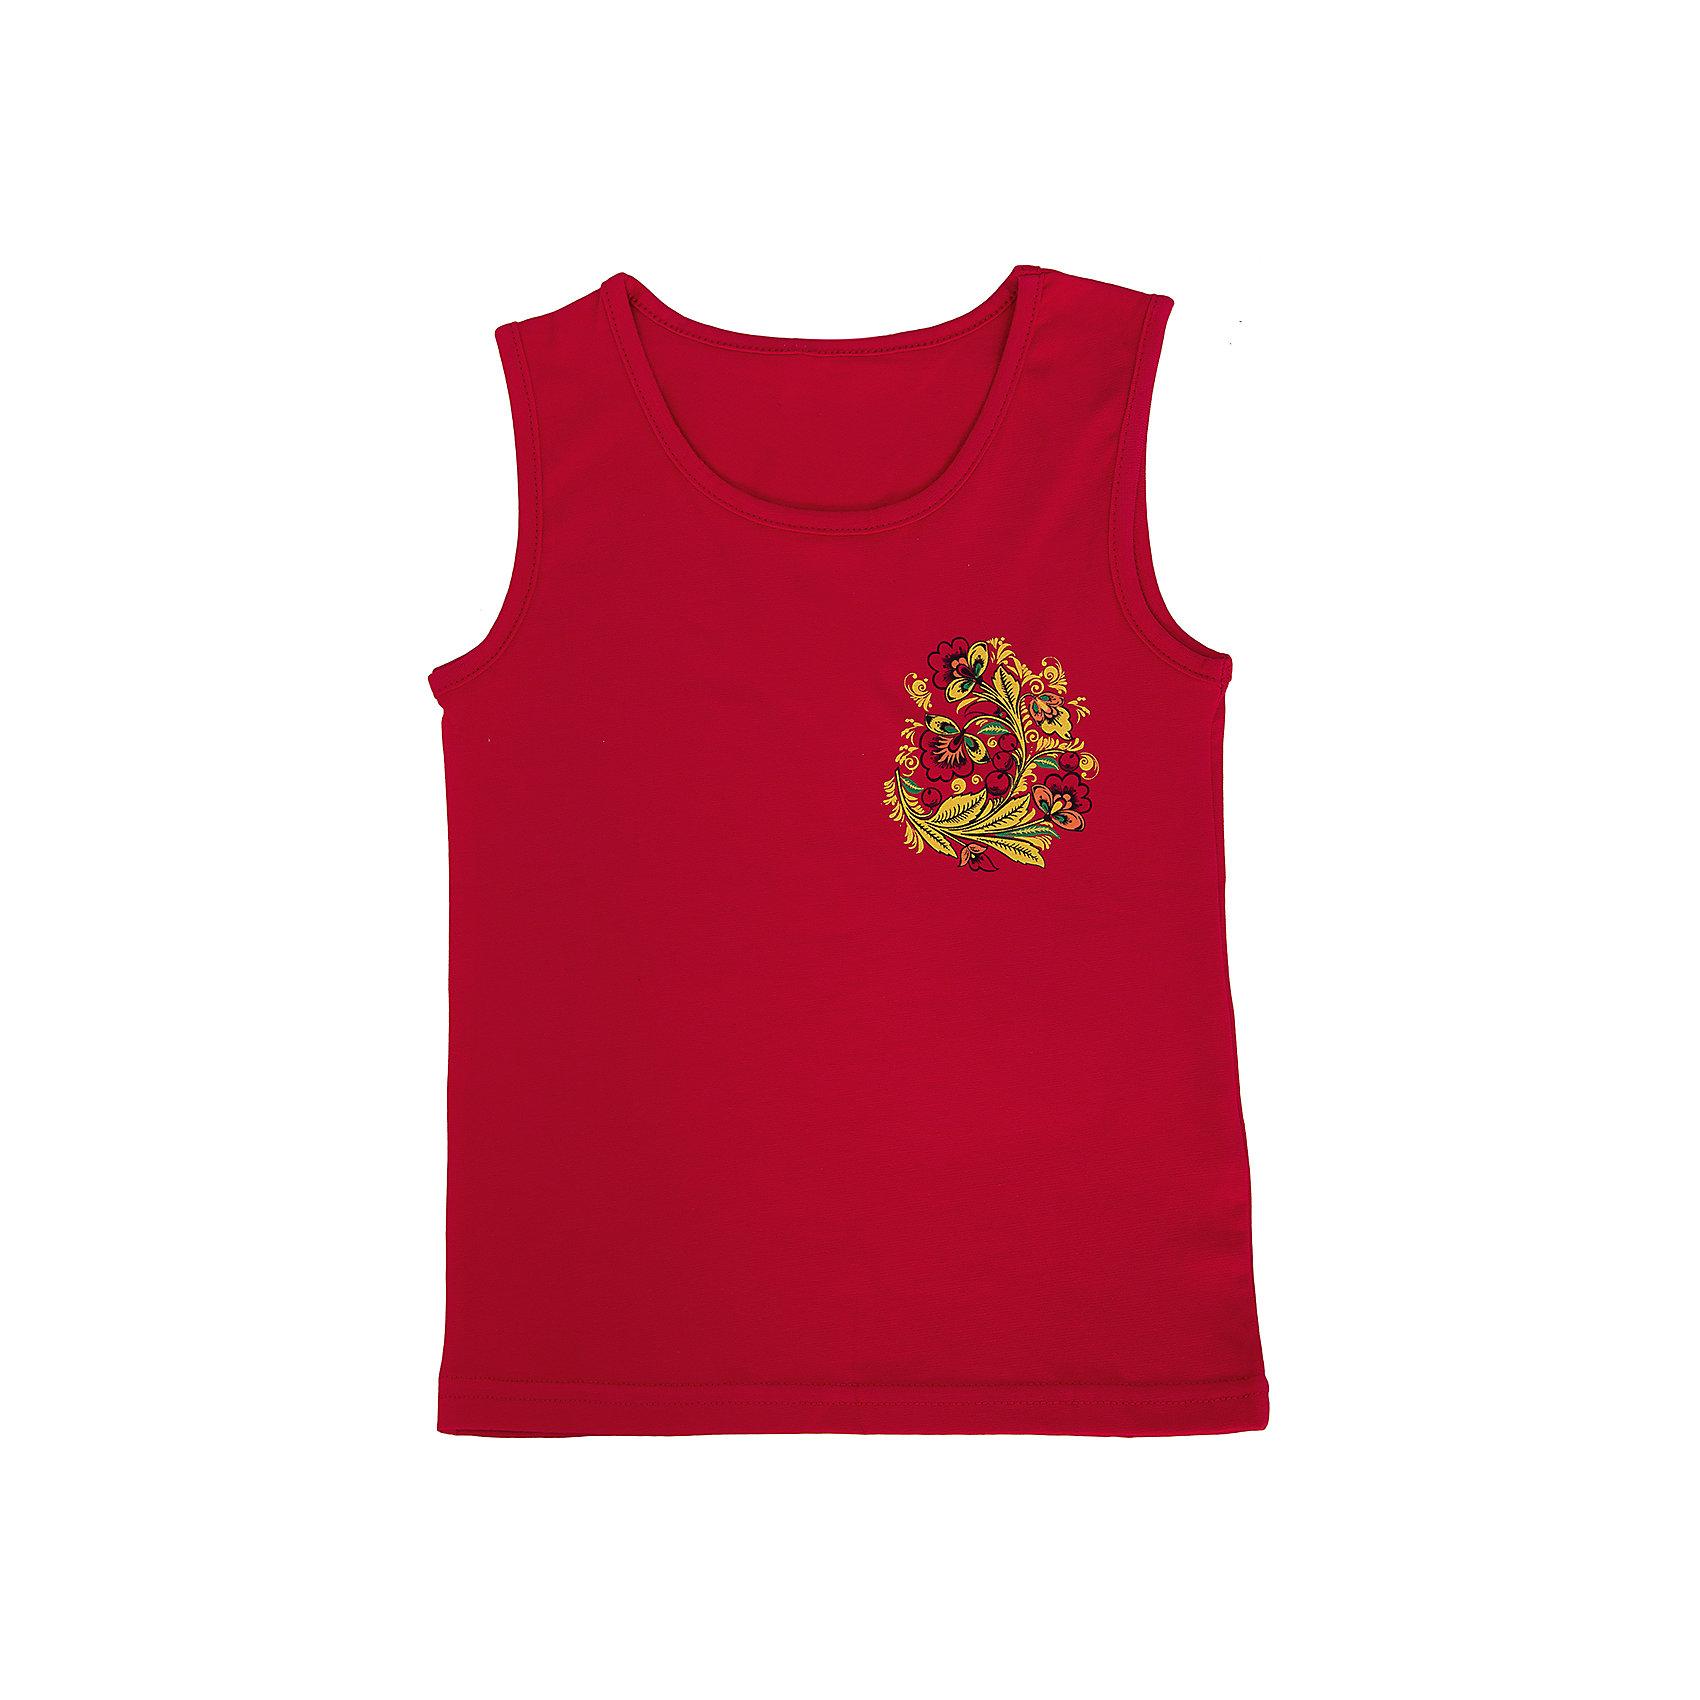 Майка для девочки АпрельЛетняя красная майка от торговой марки Апрель идеально дополнит летний образ маленькой модницы. Майка для девочки идеально сочетается с лосинами из одноименной коллекции Хохлома.<br><br>Дополнительная информация: <br><br>- цвет: красный <br>- состав: 92% хлопок, 8% лайкра<br>- ткань: кулир<br>- фирма-производитель: Апрель<br>- страна-производитель: Россия<br>- коллекция: Хохлома<br><br>Майку коллекции Хохлома от торговой марки Апрель можно купить в нашем интернет-магазине.<br><br>Ширина мм: 196<br>Глубина мм: 10<br>Высота мм: 154<br>Вес г: 152<br>Цвет: красный<br>Возраст от месяцев: 96<br>Возраст до месяцев: 108<br>Пол: Женский<br>Возраст: Детский<br>Размер: 134,128,140,116,122<br>SKU: 4763654